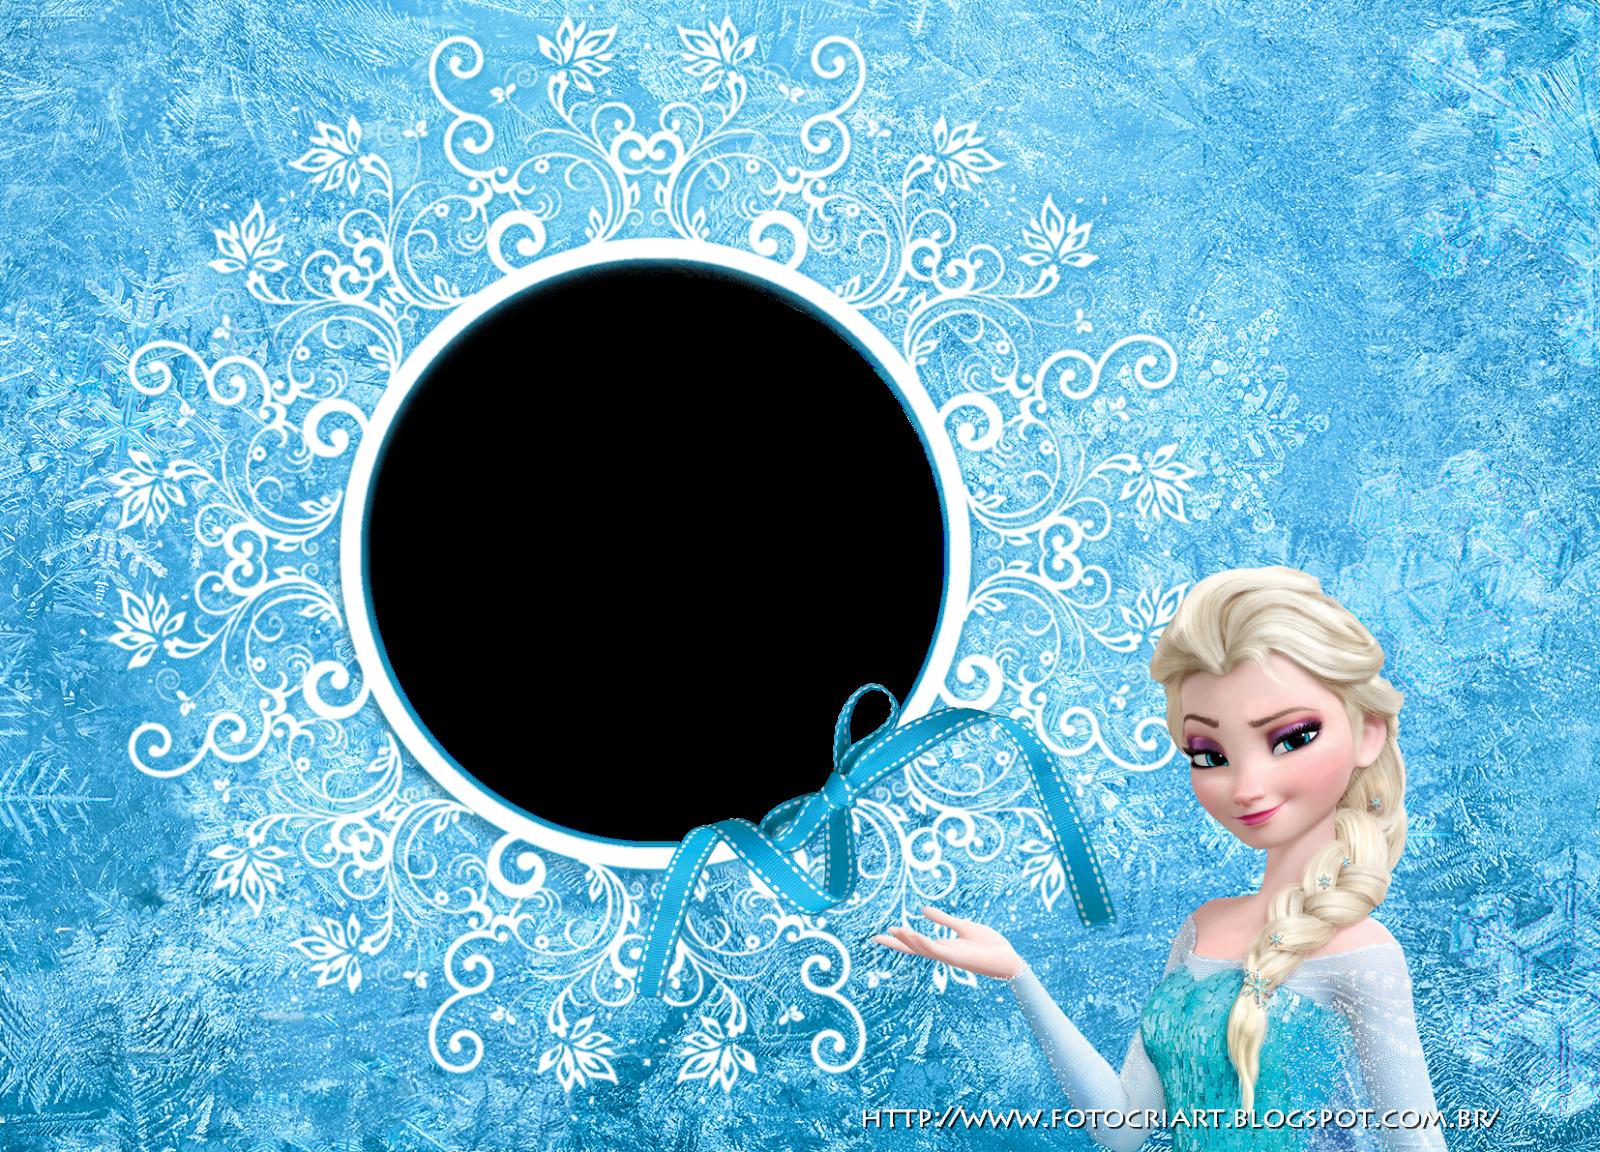 Molduras Do Filme Frozen Uma Aventura Congelante Aniversario Frozen Filme Frozen Frozen Uma Aventura